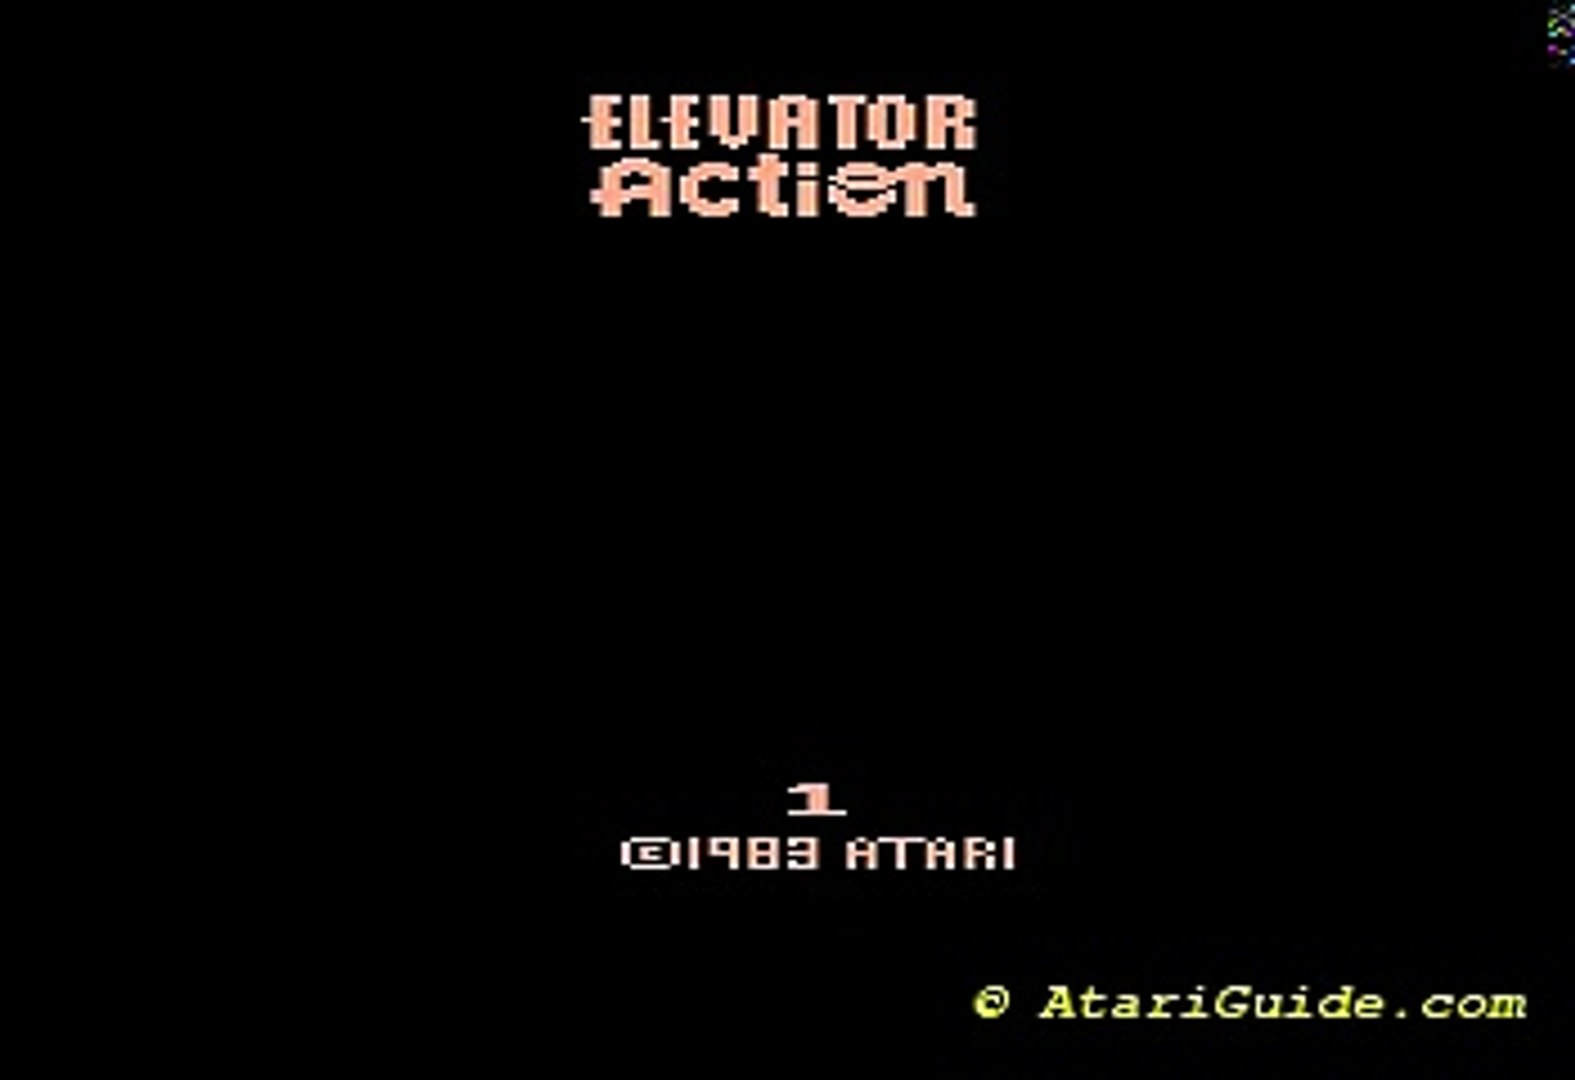 Atari 2600 Elevator Action 1983 Atari, Dan Hitchens CX26126